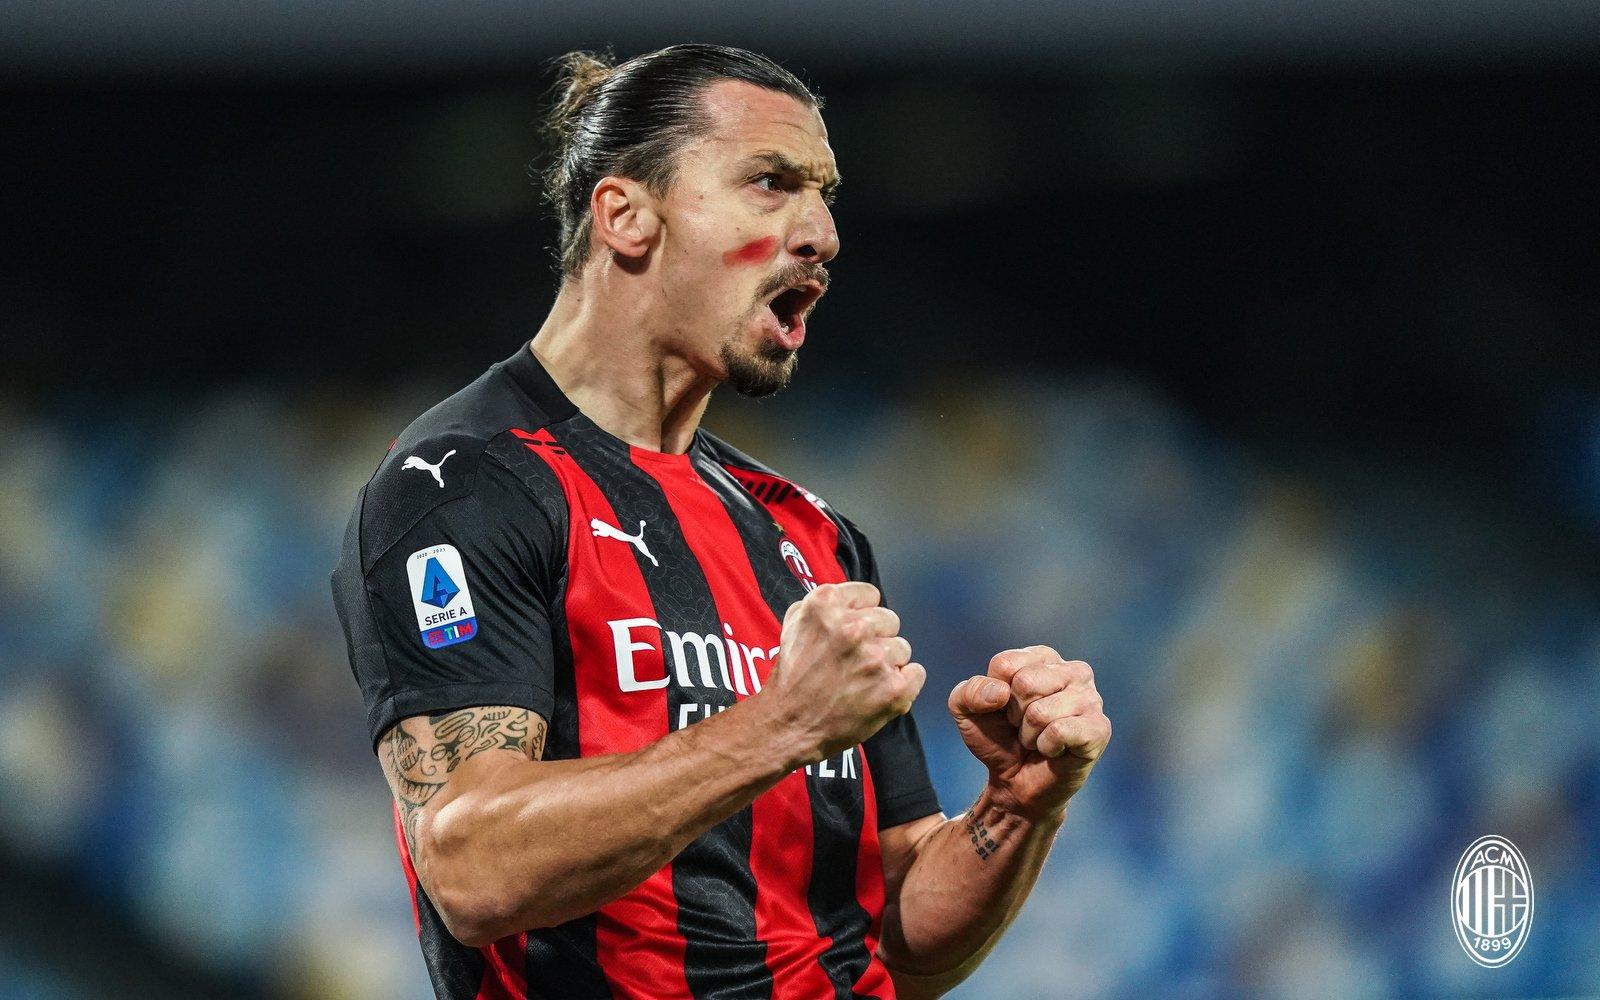 През лятото: Ибра не искал да остава в Милан 1